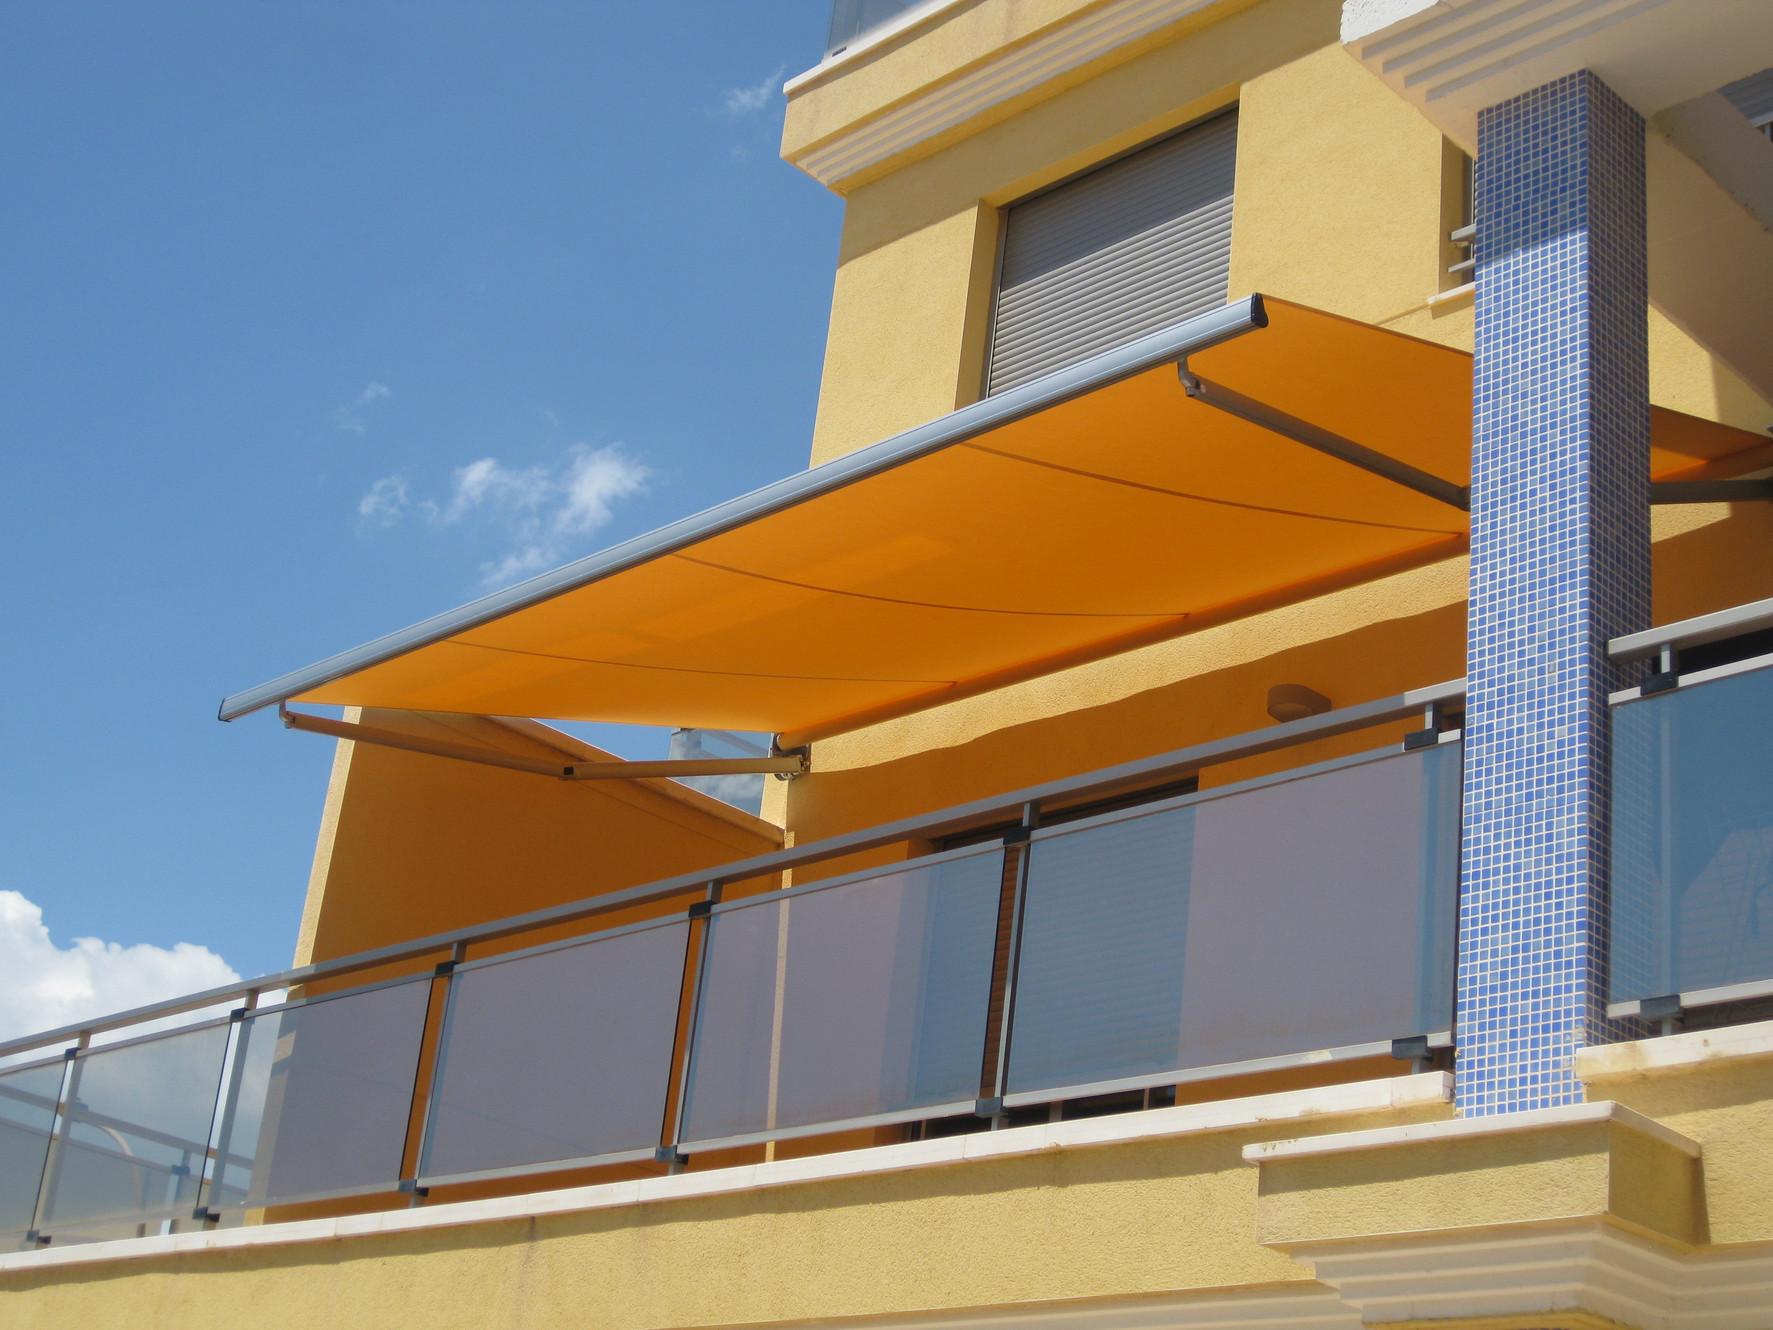 Casa Del Tappezziere Seregno tende da sole e tendaggi zacchetti milano | rozzano |